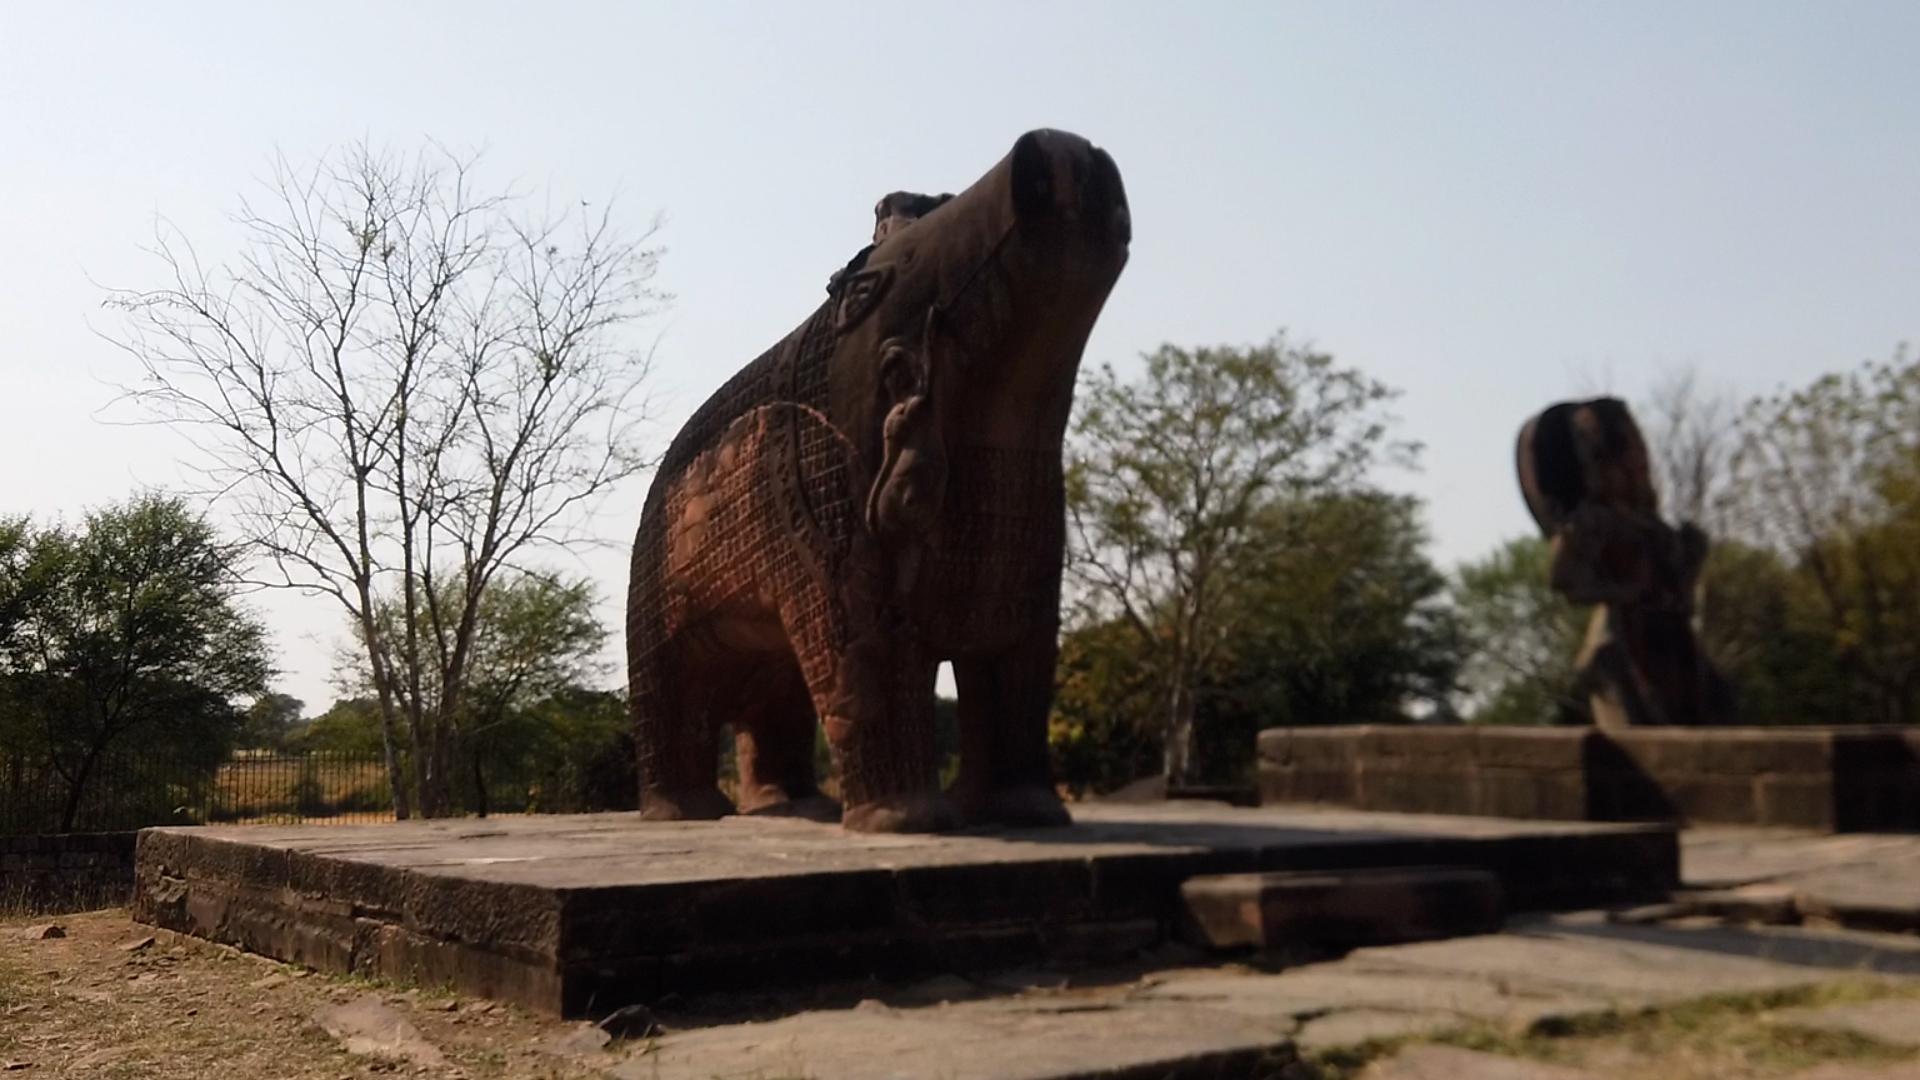 एरण मंदिर: एक समृद्ध नगरी की अनजानी दास्ताँ